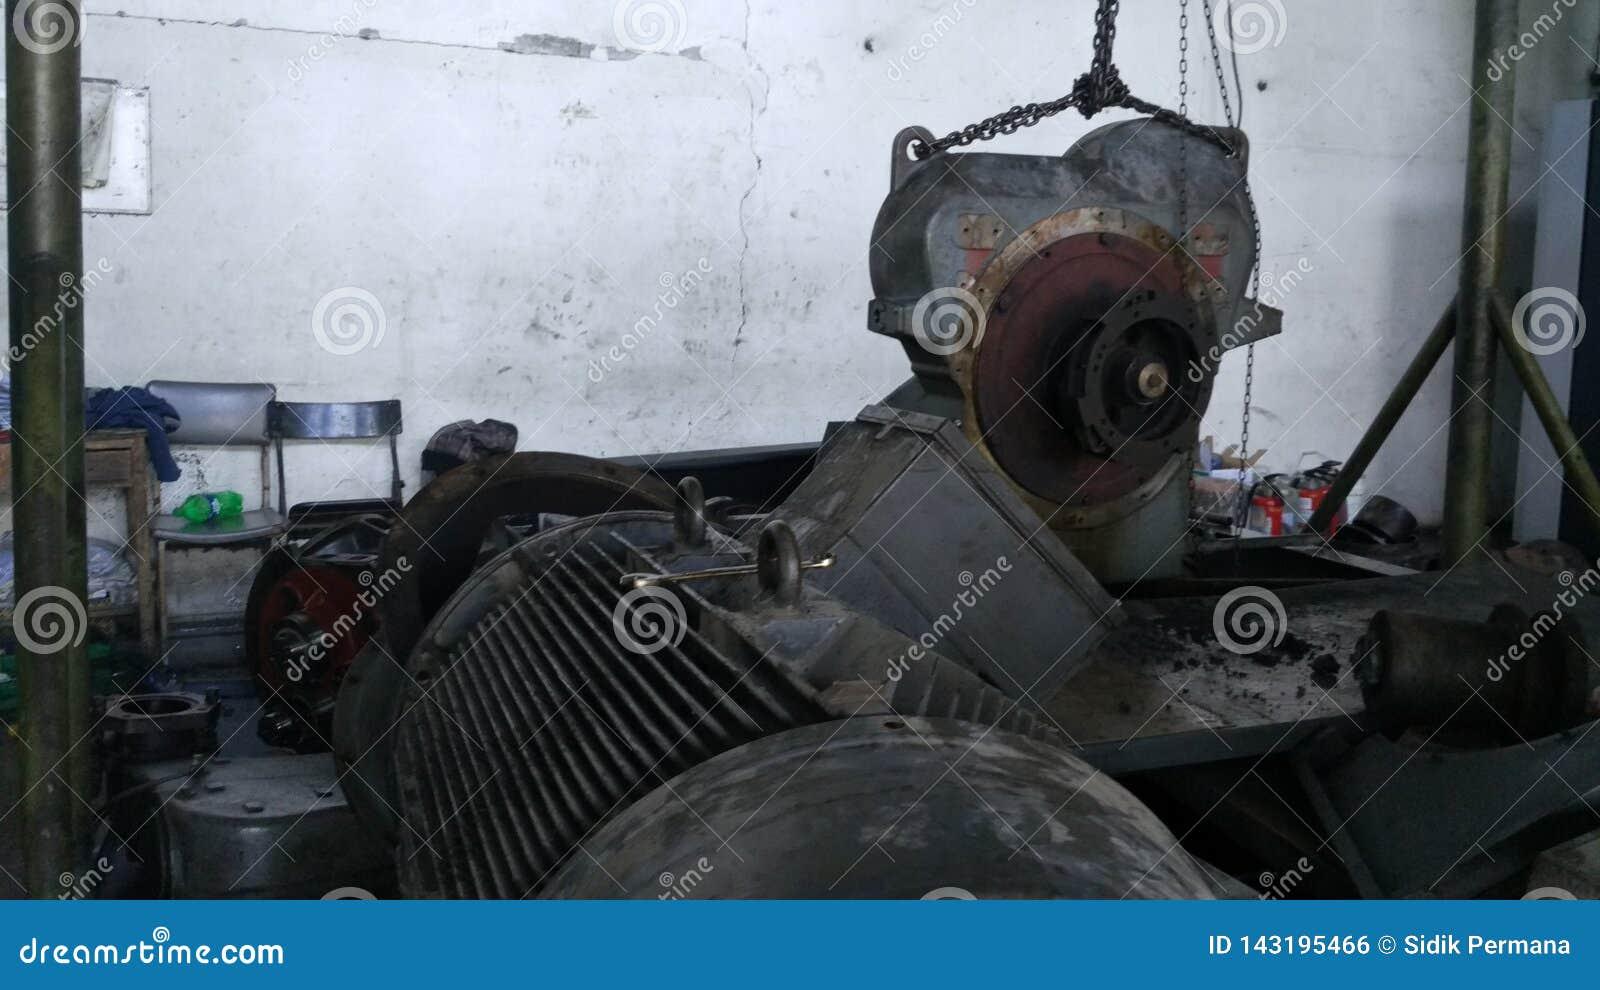 Arbeidersreparatie van industriële machines die strenge schade ervaren Reparatie van compressormotoren